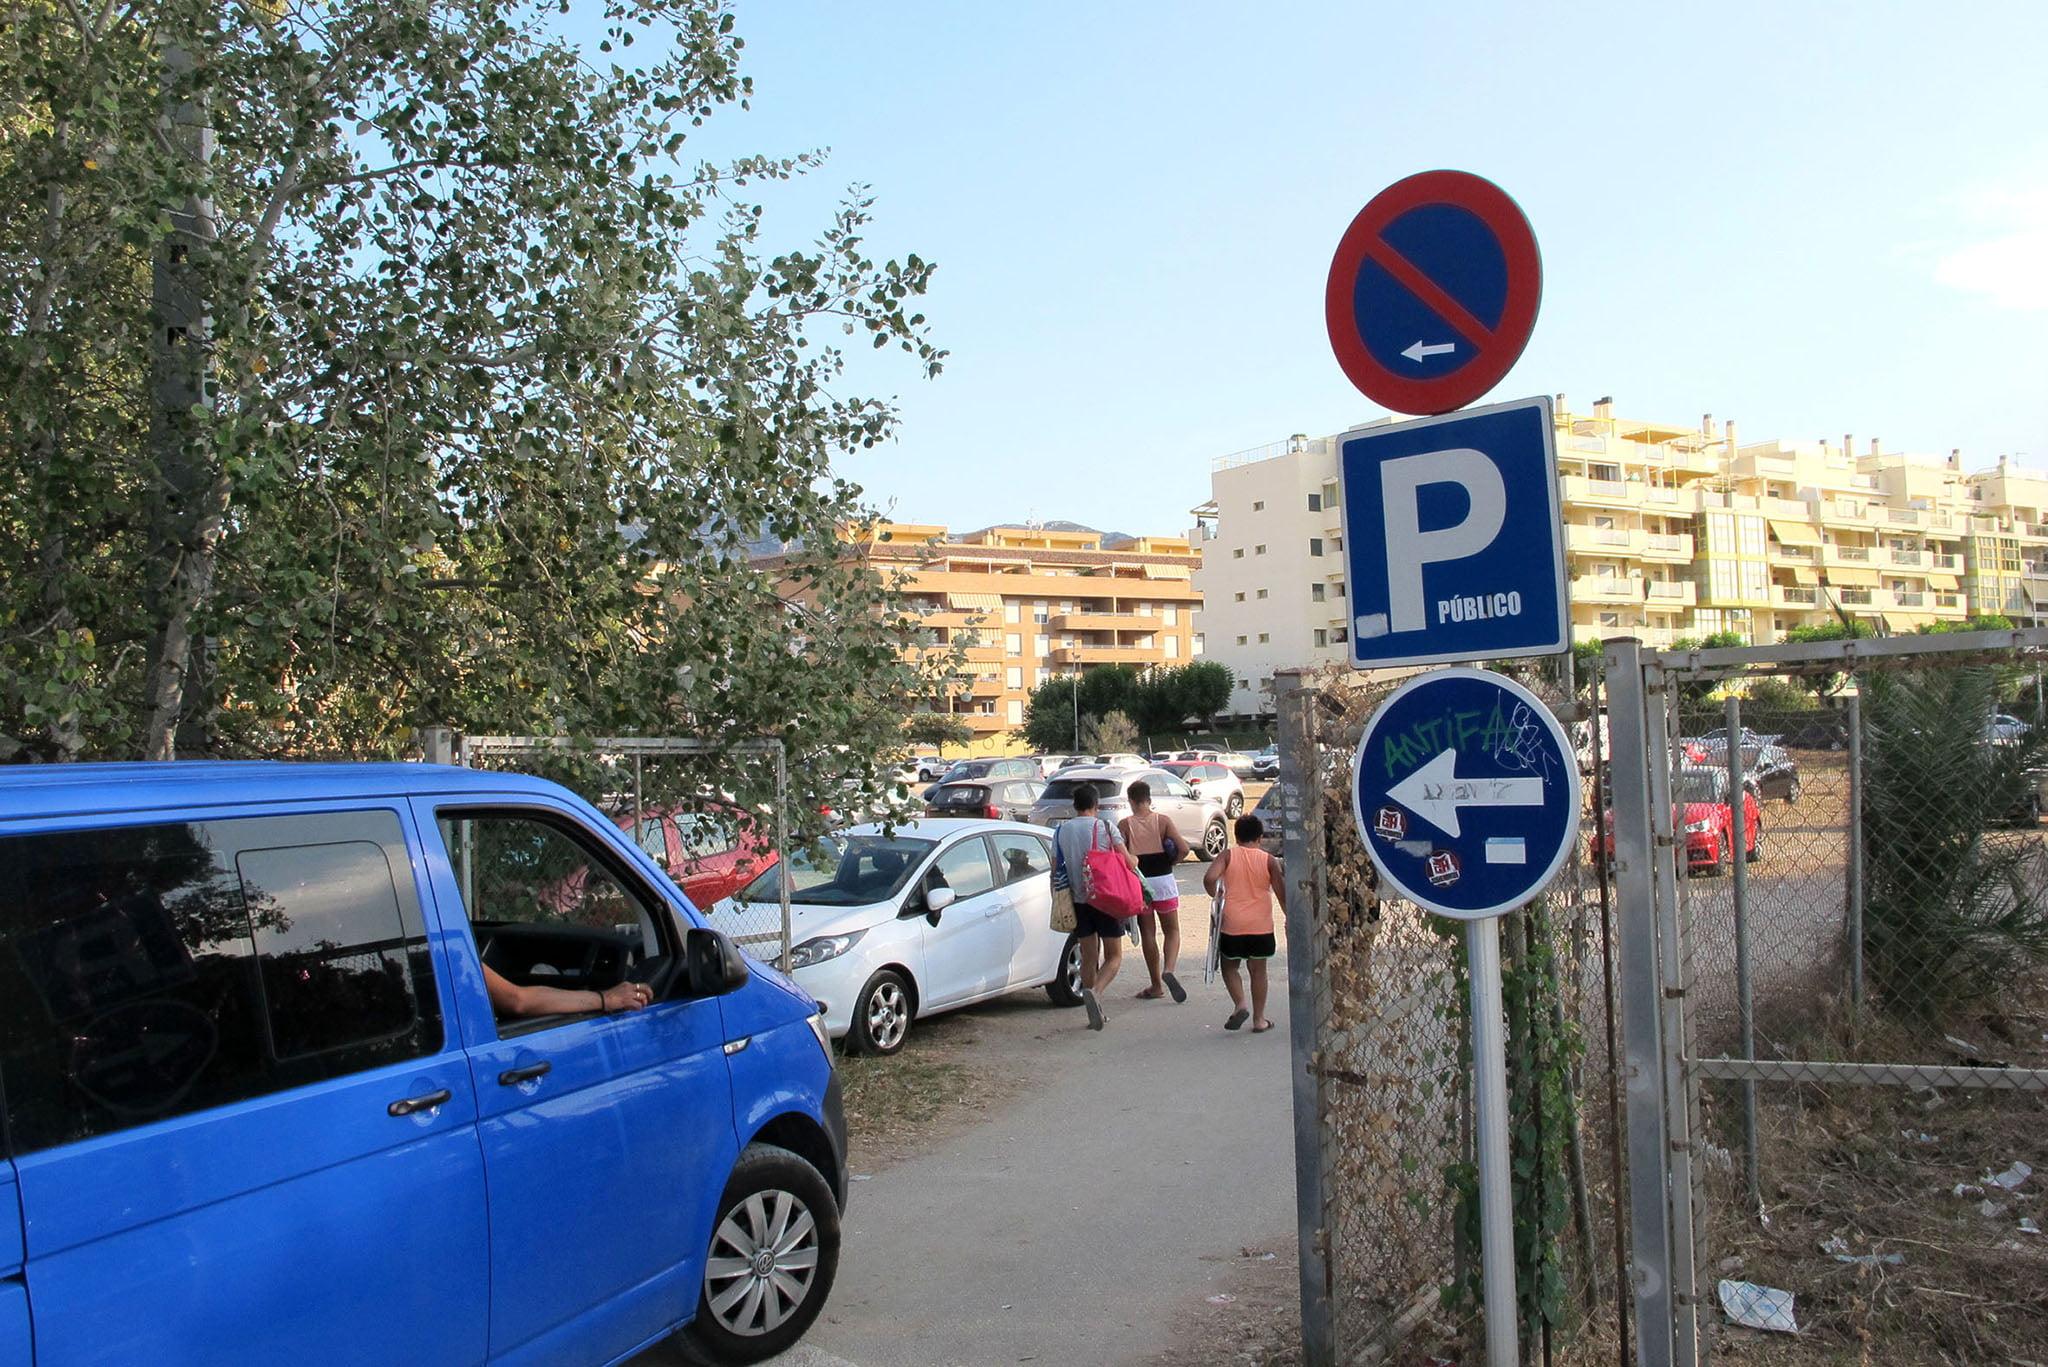 Entrada al parking público próximo a la playa Punta del Raset